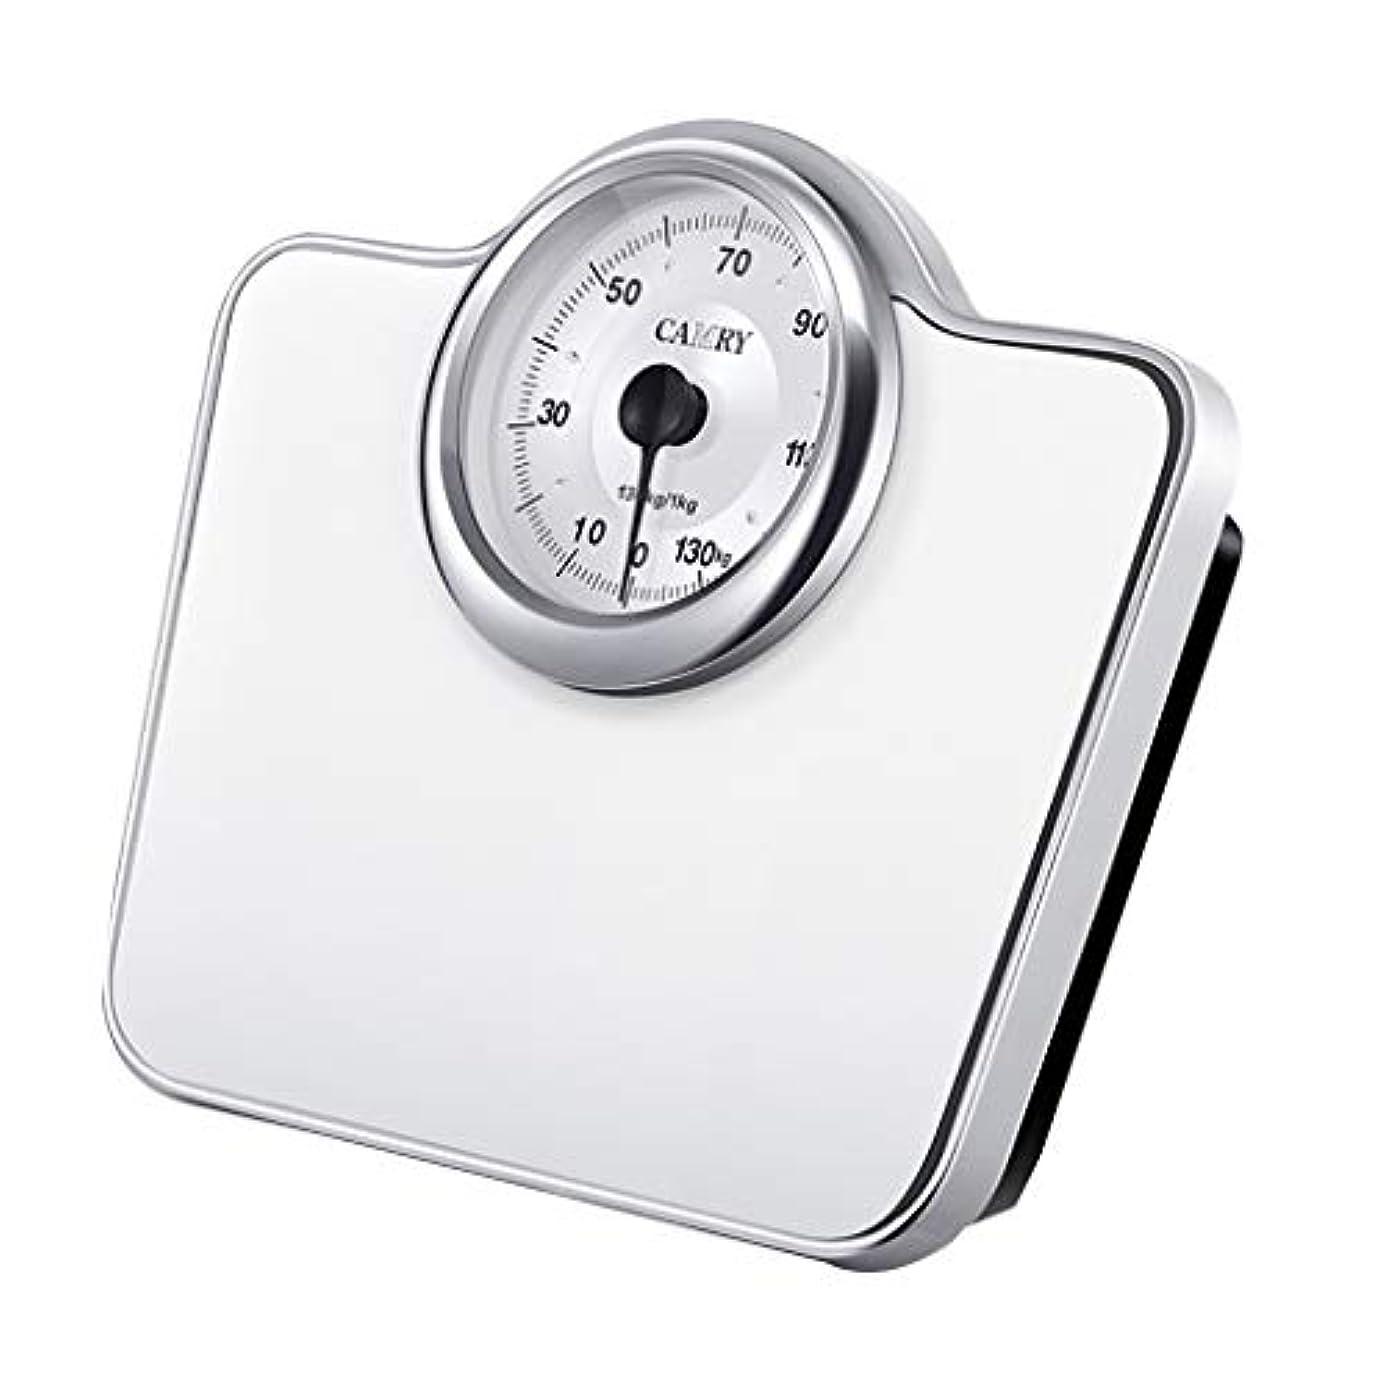 スリルアセ順番ファッショナブル 体重計 大きいダイヤルを使って、 高精度メカニカルスケール バスルームやジム用 最大136kg / 300Lbsの重さ